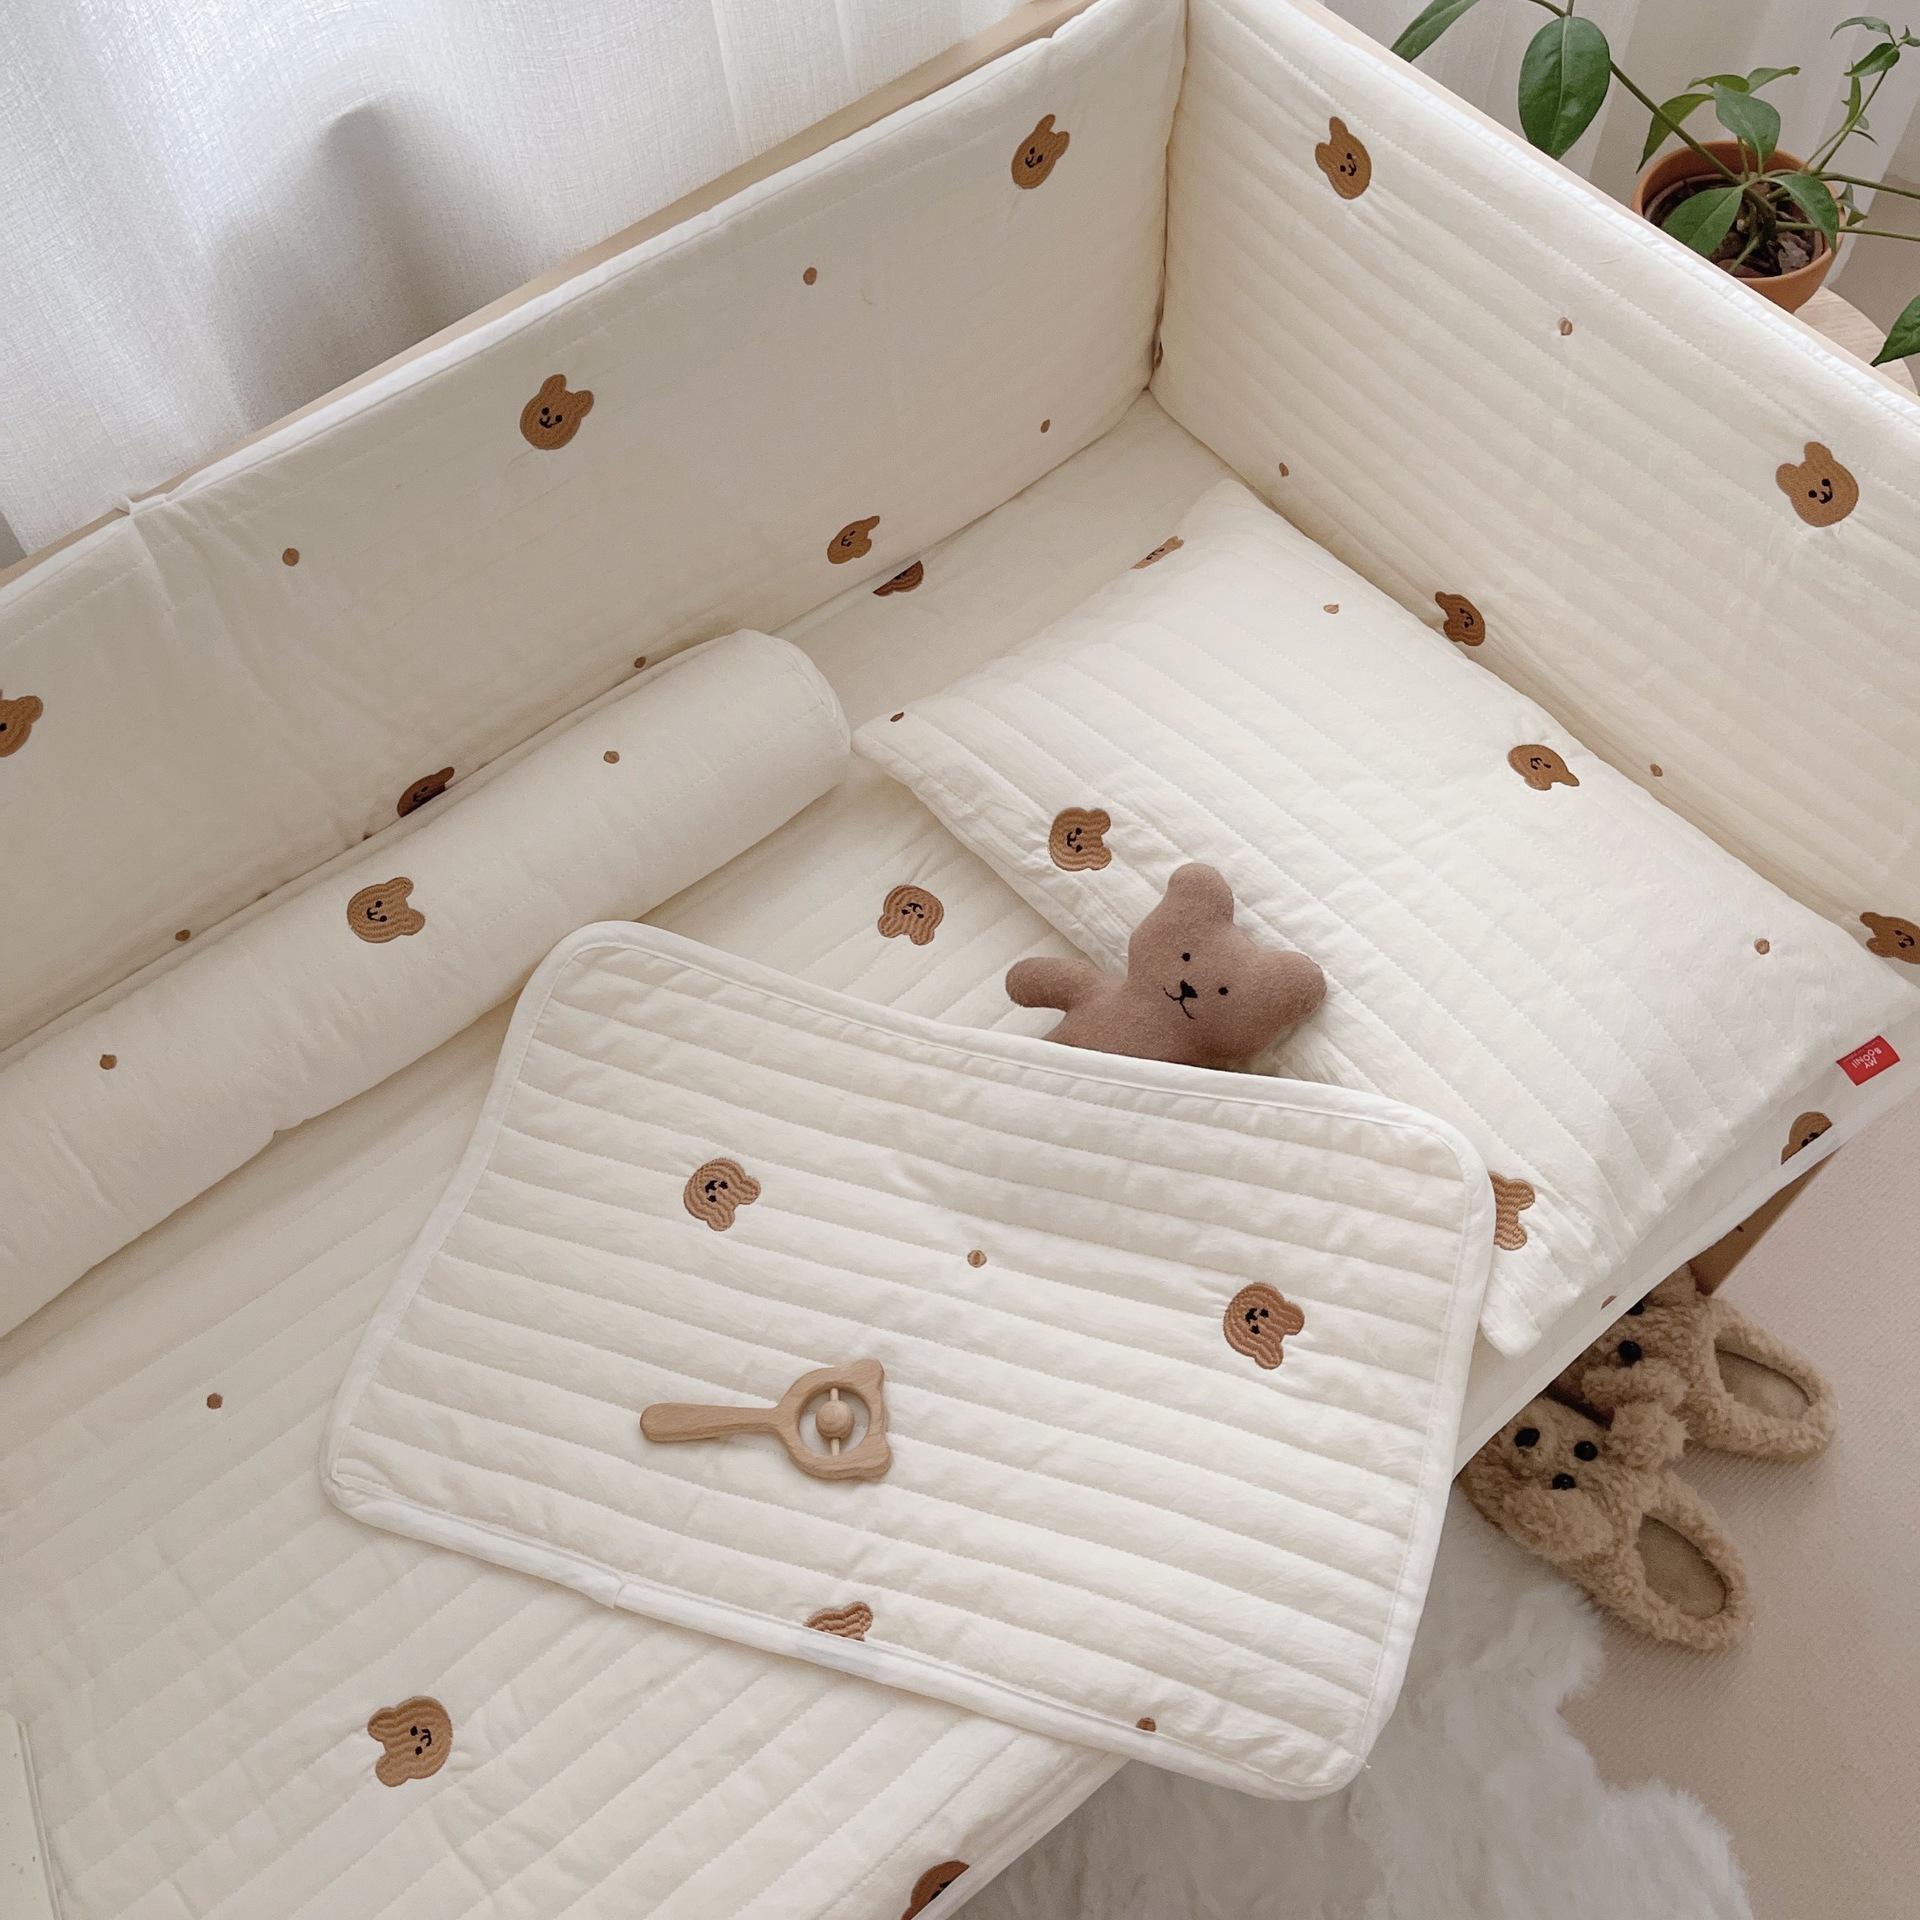 韩国ins宝宝午睡床垫薄垫 卡通刺绣婴儿床纯棉衍缝床单拍照背景垫